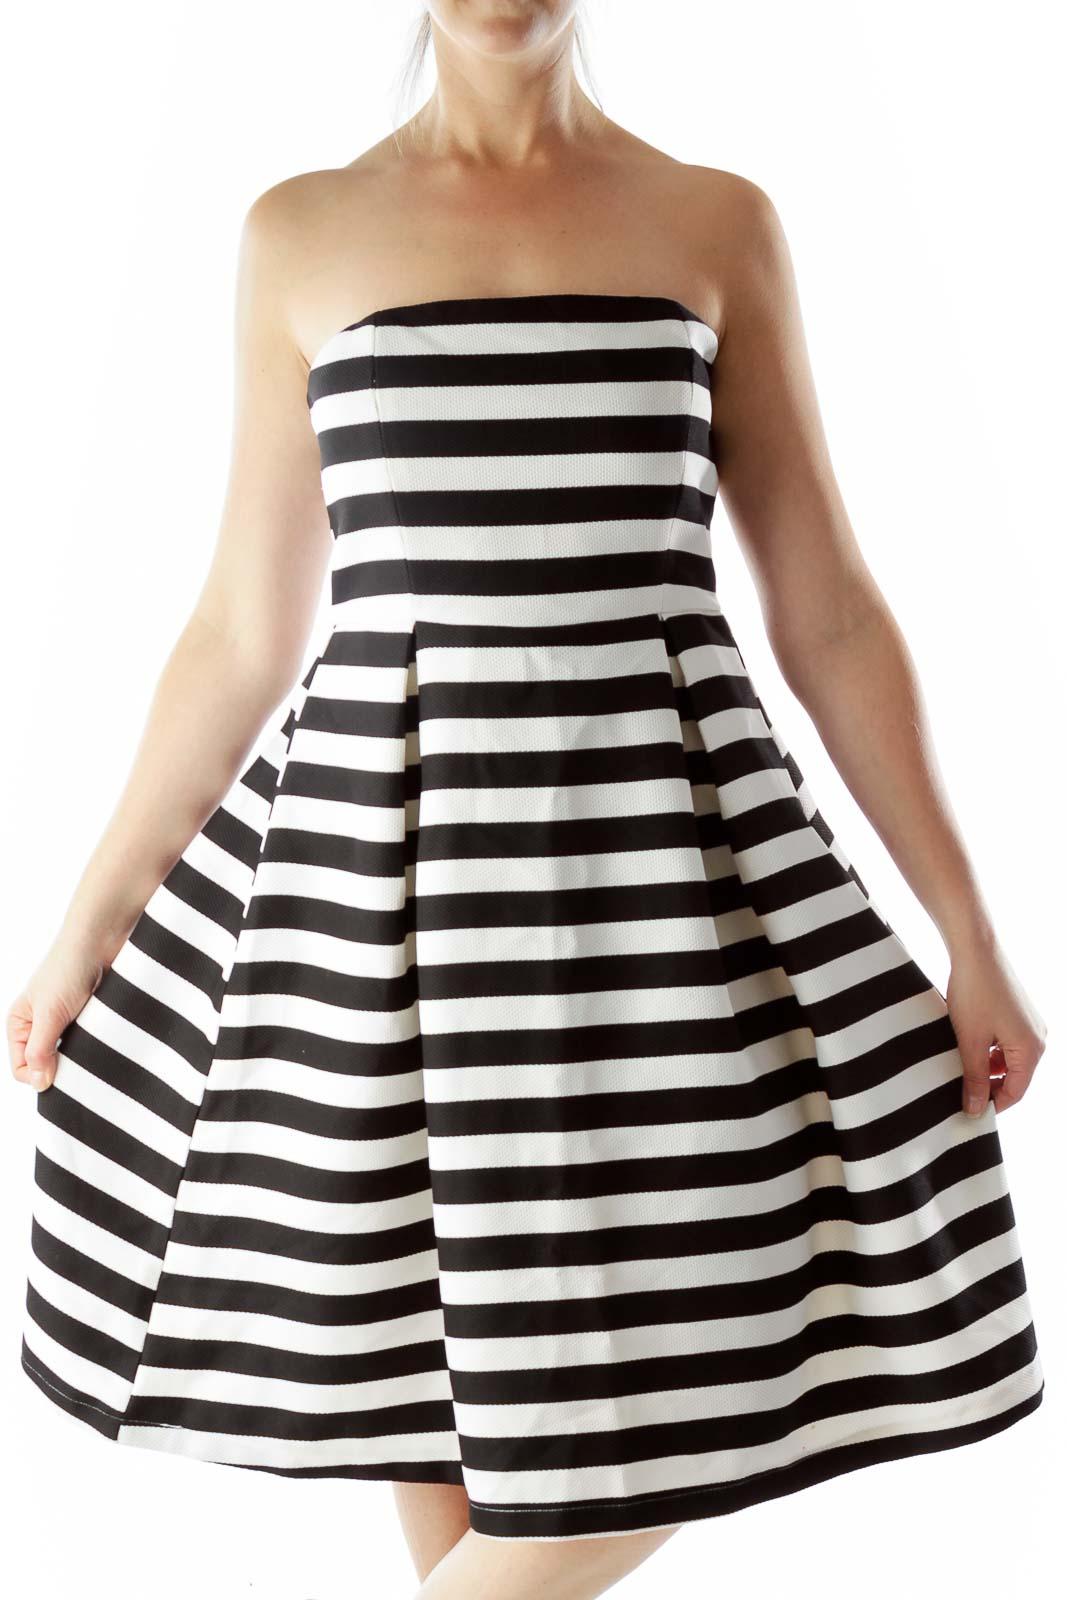 Black White Striped Strapless Dress cf8428a83f8ea